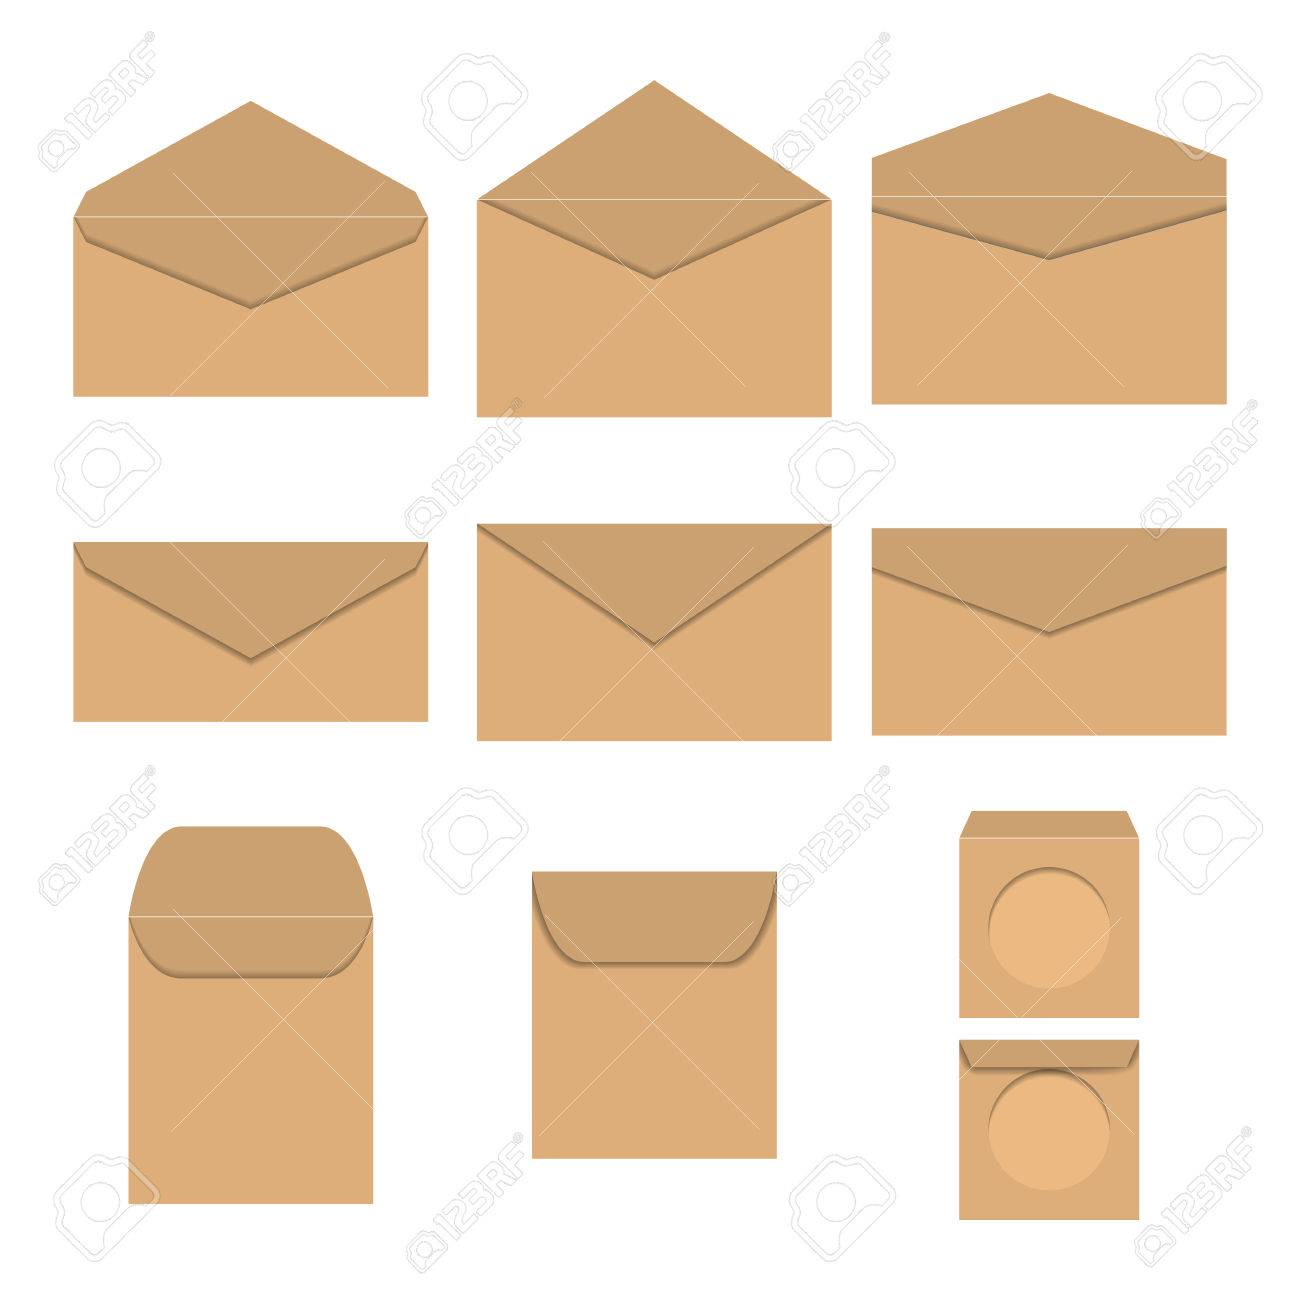 Häufig Legen Braune Papierumschläge Unterschiedlicher Form Und Größe DK66